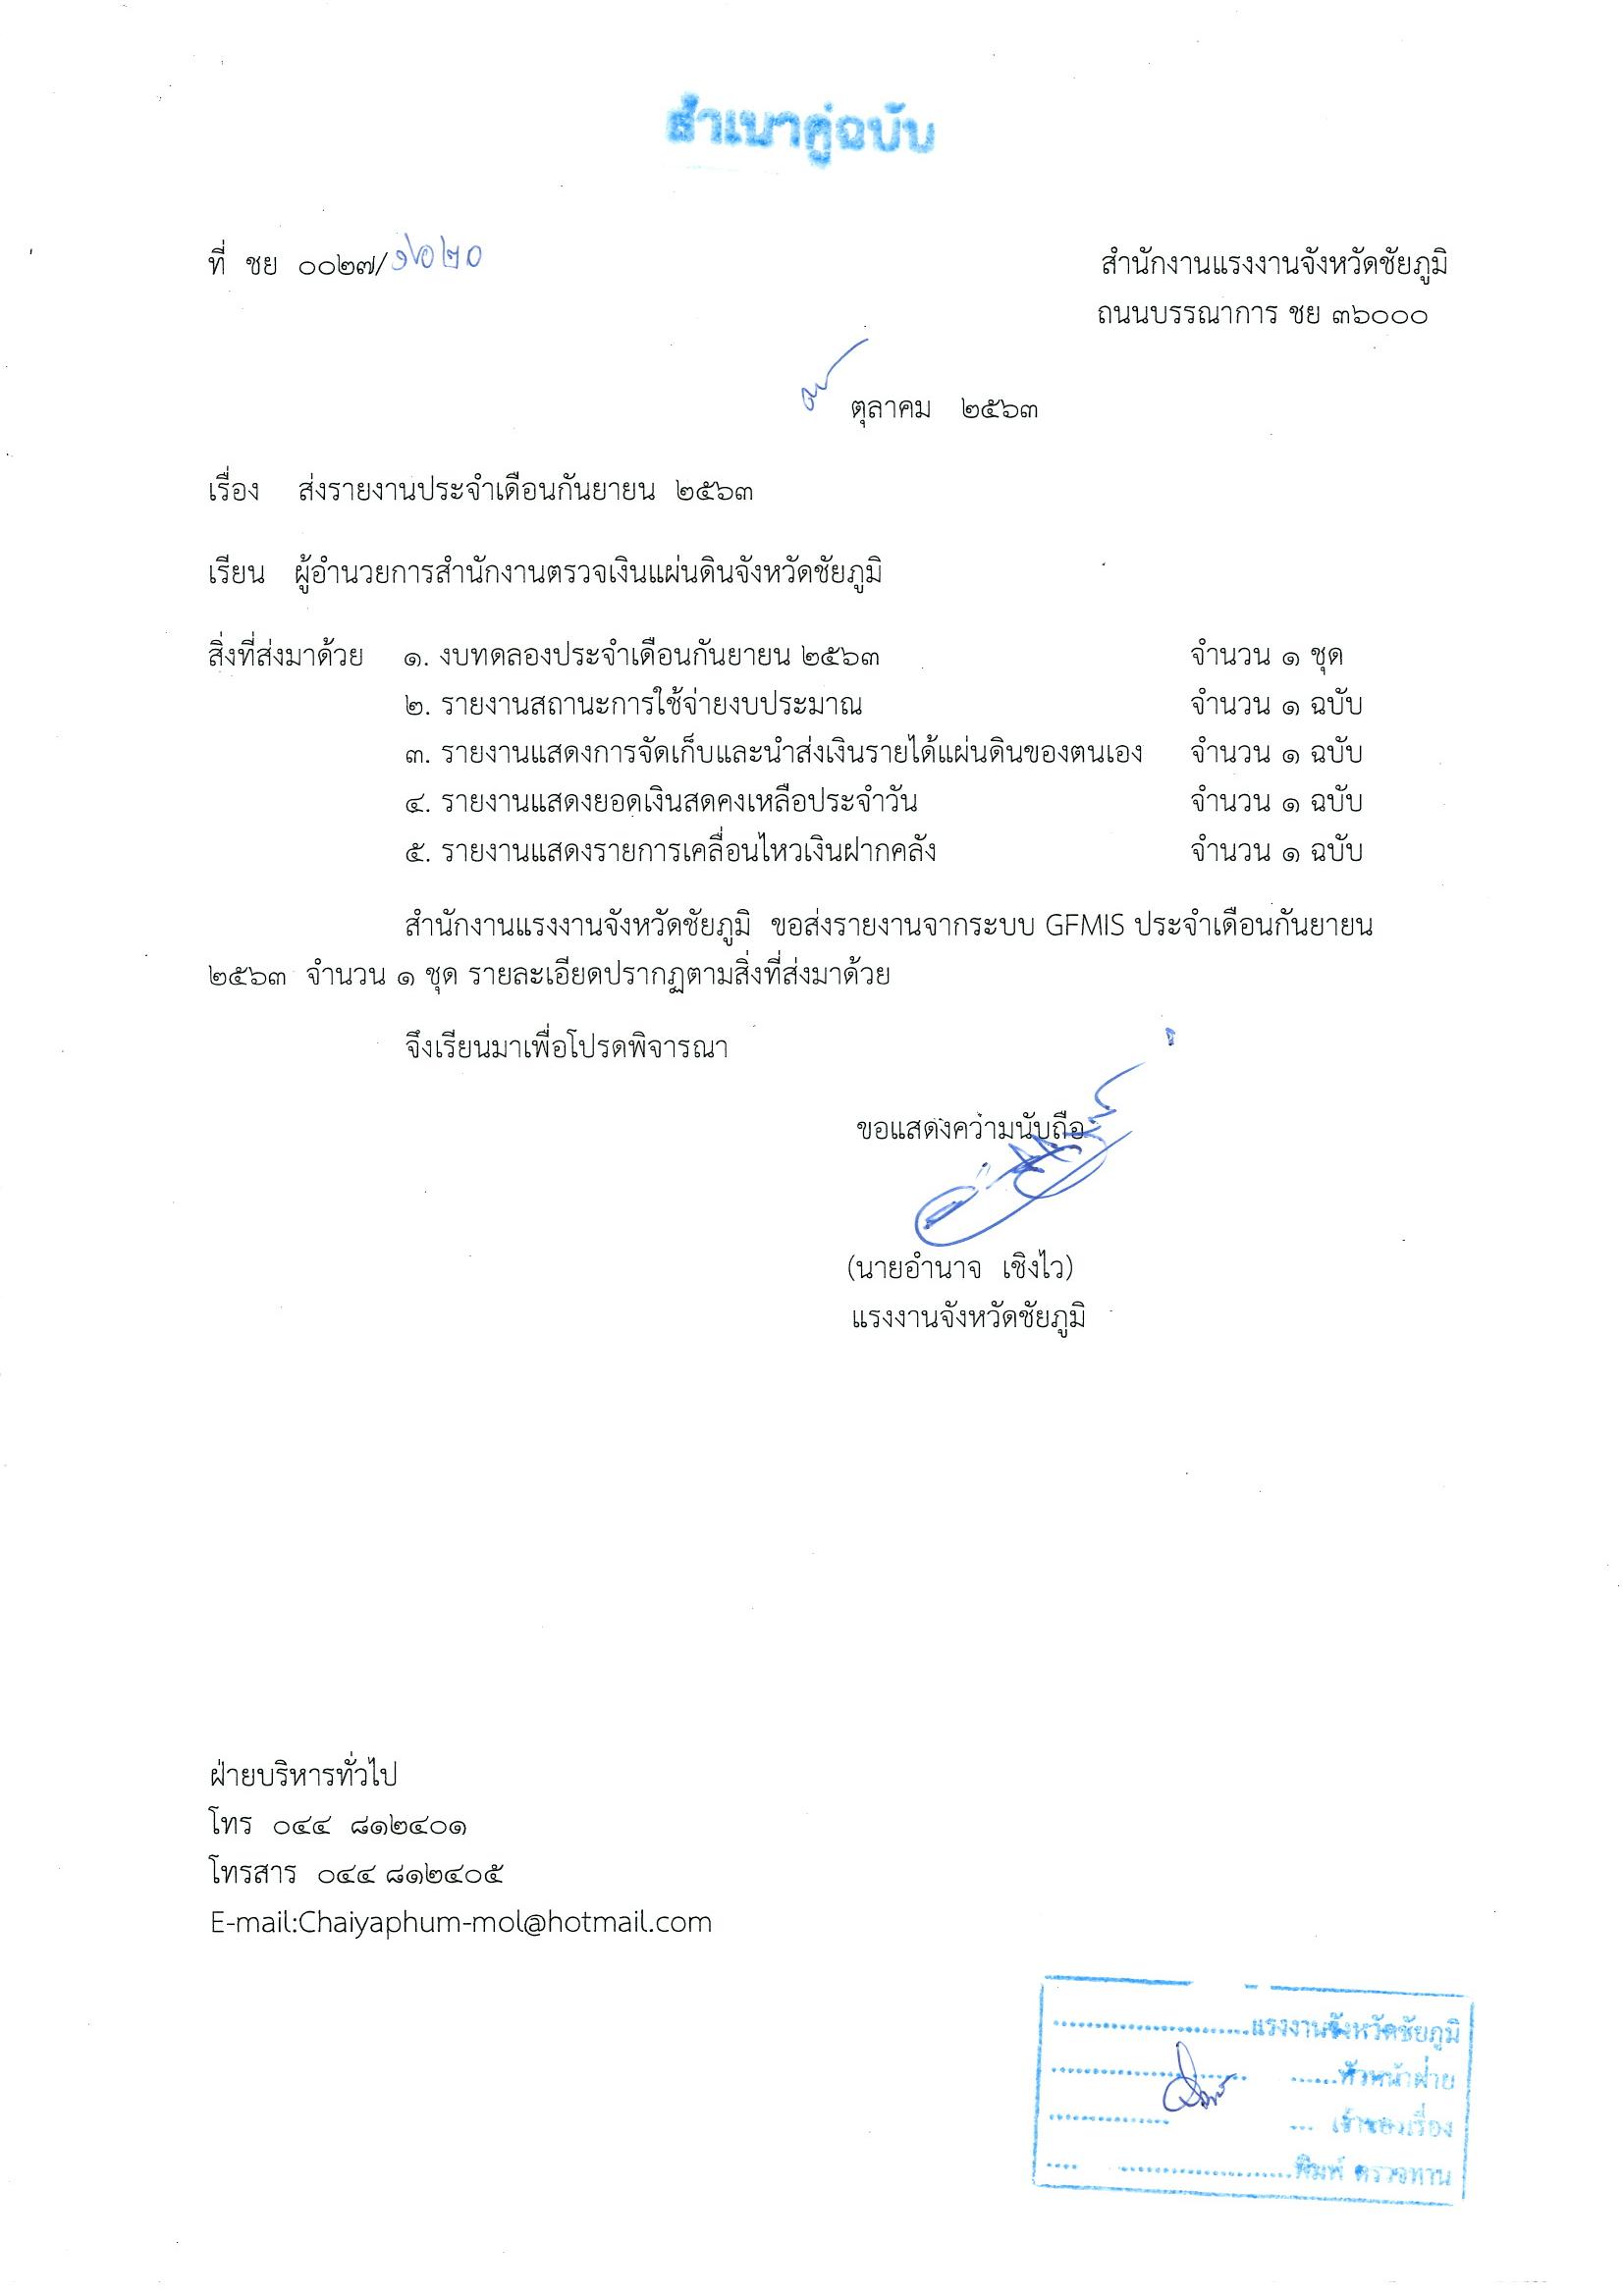 รายงานงบทดลองหน่วยเบิกจ่ายรายเดือน กันยายน 2563